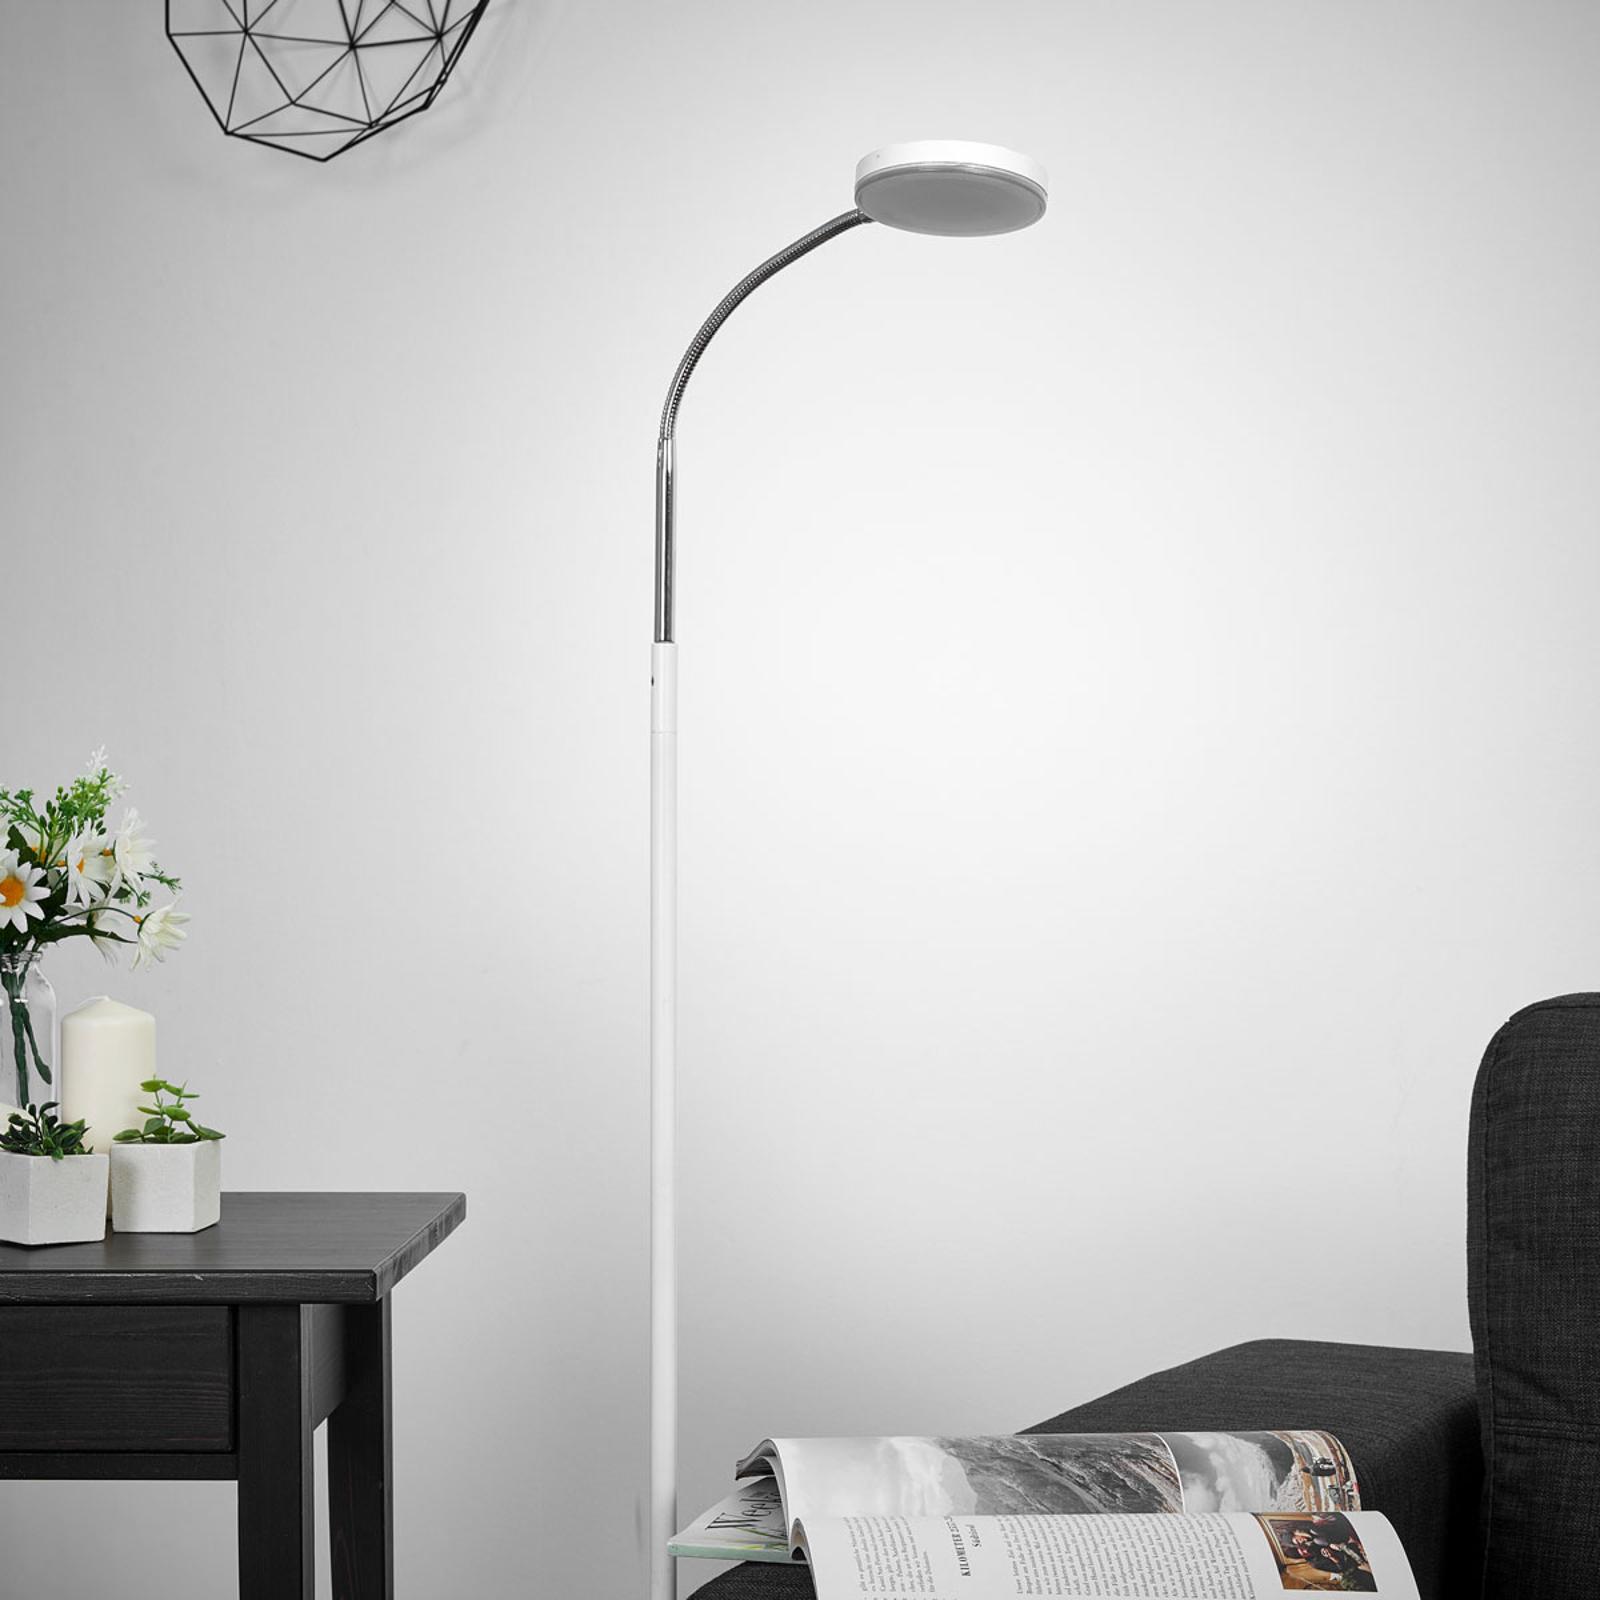 Lampadaire LED Milow avec col de cygne